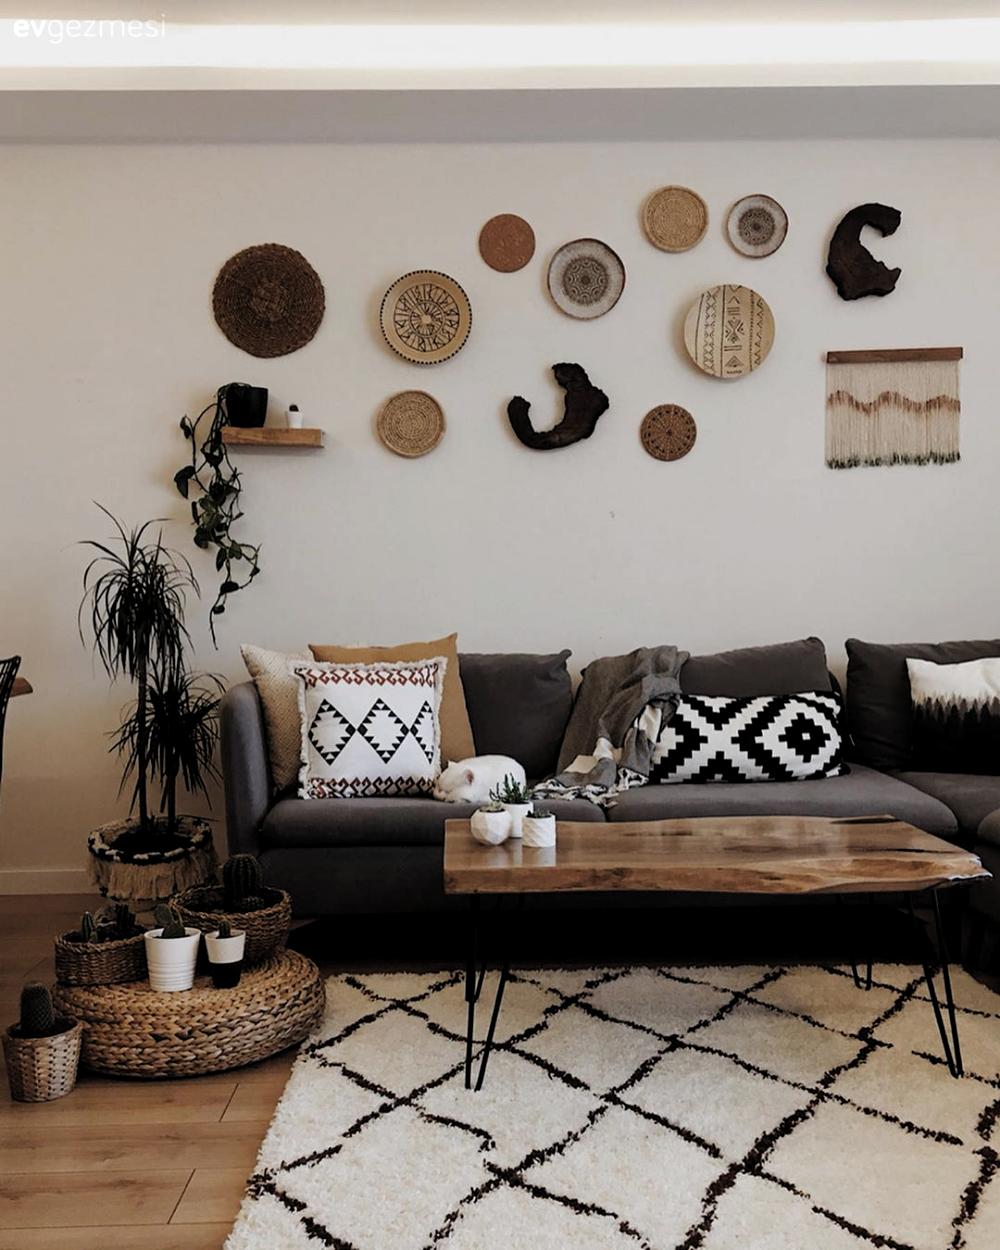 Pin By Beulah Olsen On Oturma Odasi Dekorasyonu In 2020 Decor Home Decor Home